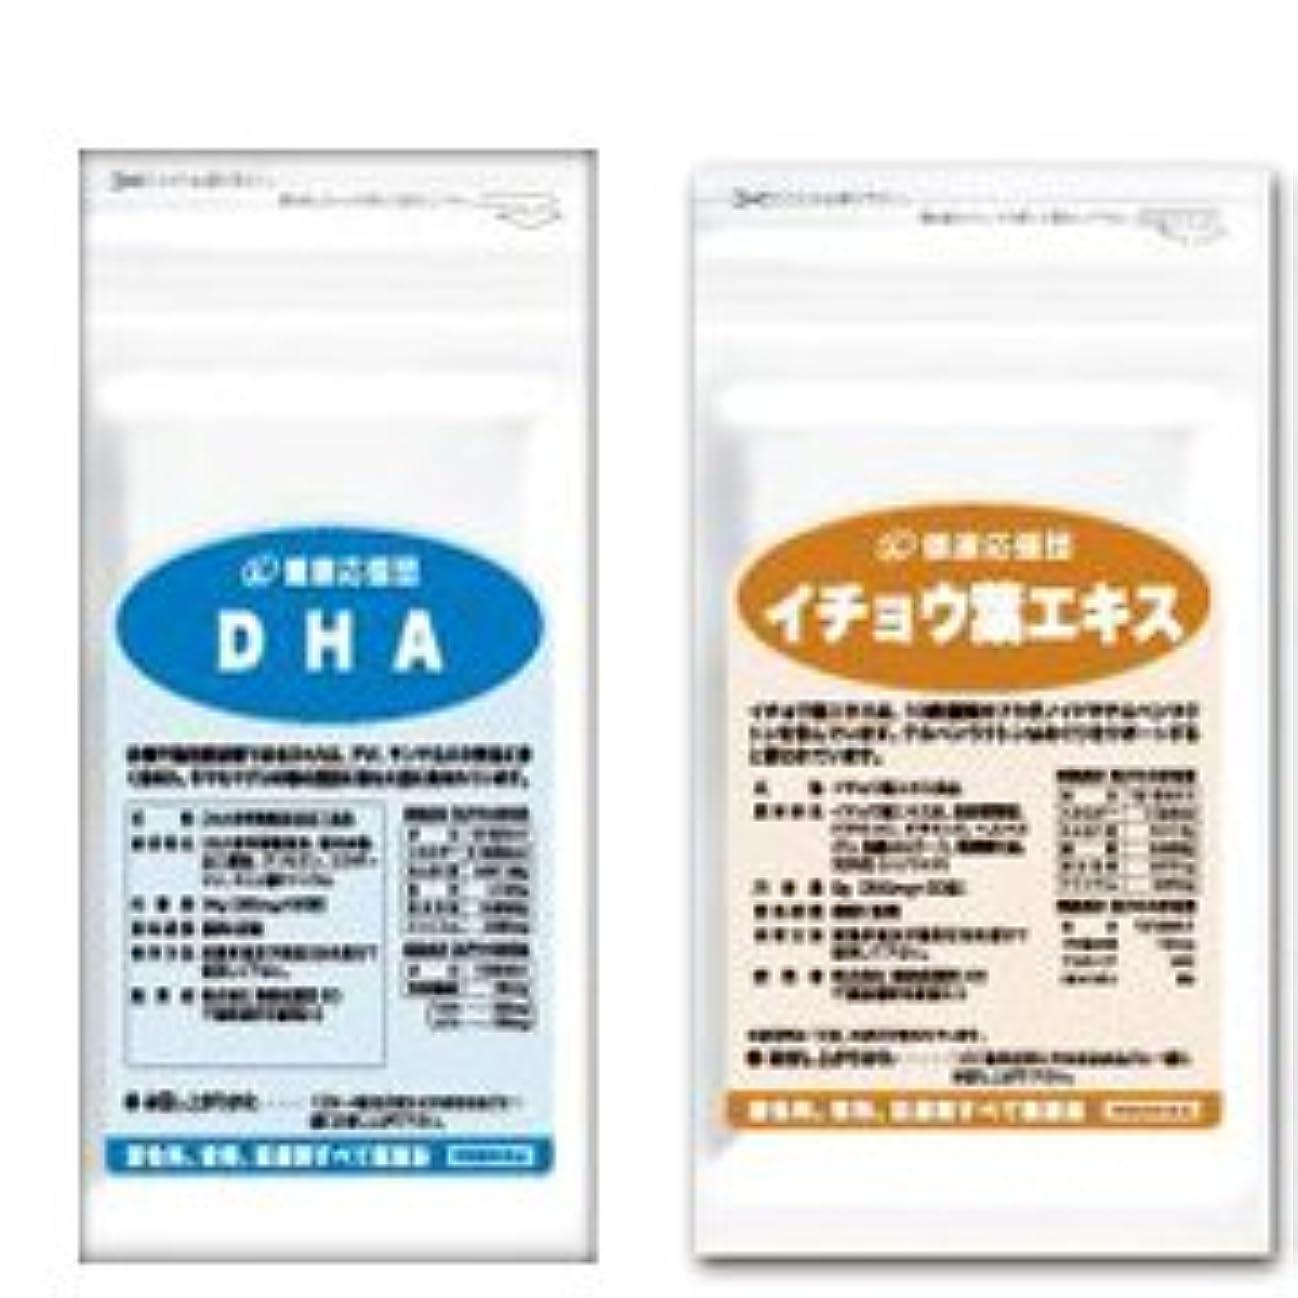 袋人口統計的(お徳用12か月分)サラサラ巡りセット DHA + イチョウ葉エキス 12袋&12袋セット(DHA?EPA?イチョウ葉?ビタミンC?ビタミンE?ビタミンP配合)